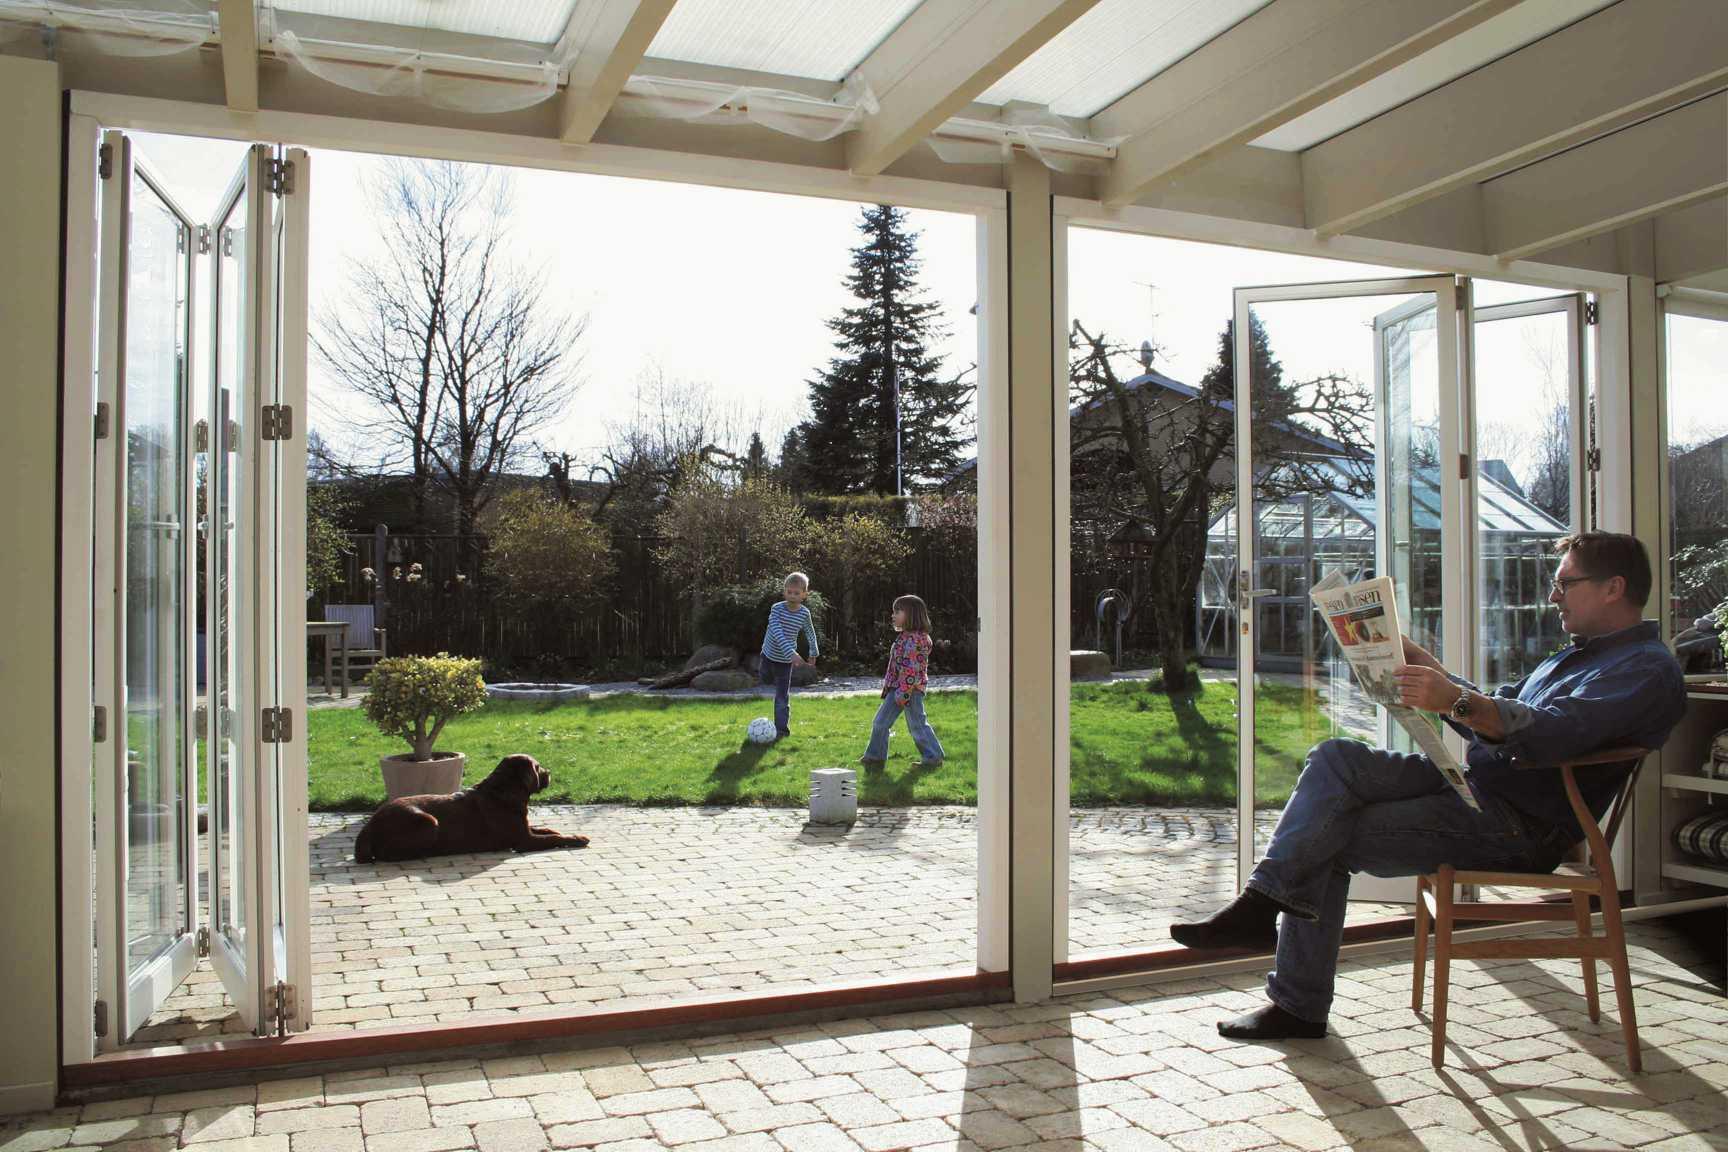 Lacuna_Faltschiebetür_Holz_Wintergarten